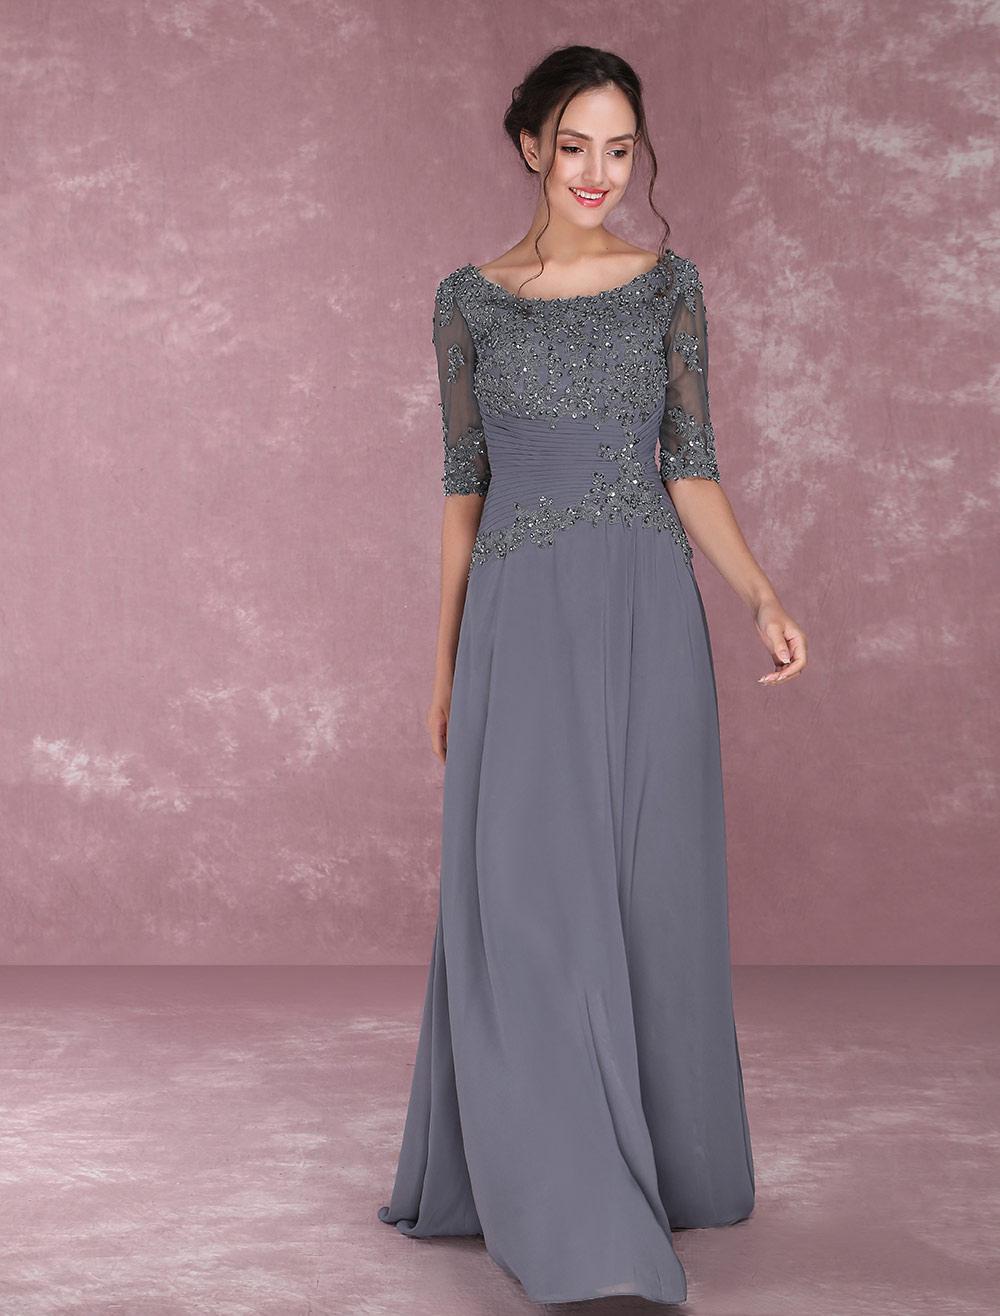 72725eaec4c0 Acheter robes de soirée bon marché et robes de soirée de bonne qualité en  ligne 2019